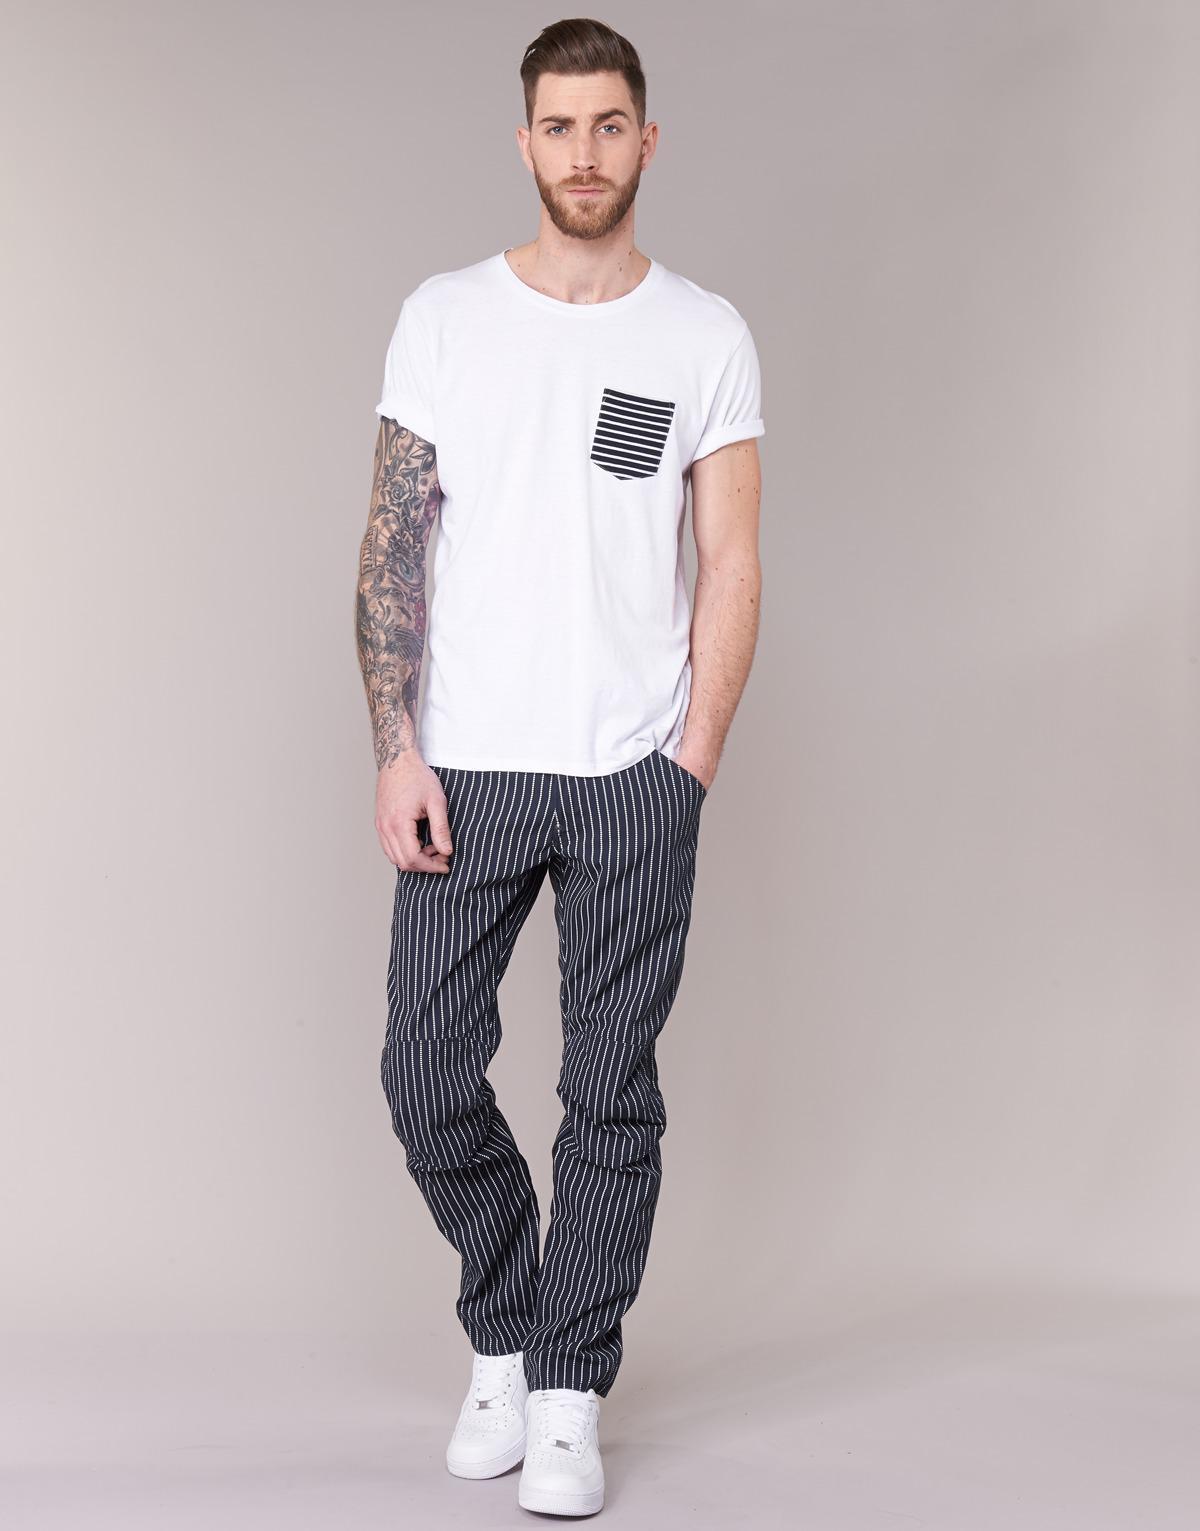 b063d2f4e59e64 G-Star RAW 5622 3d Tapered Coj Jeans in Blue for Men - Lyst